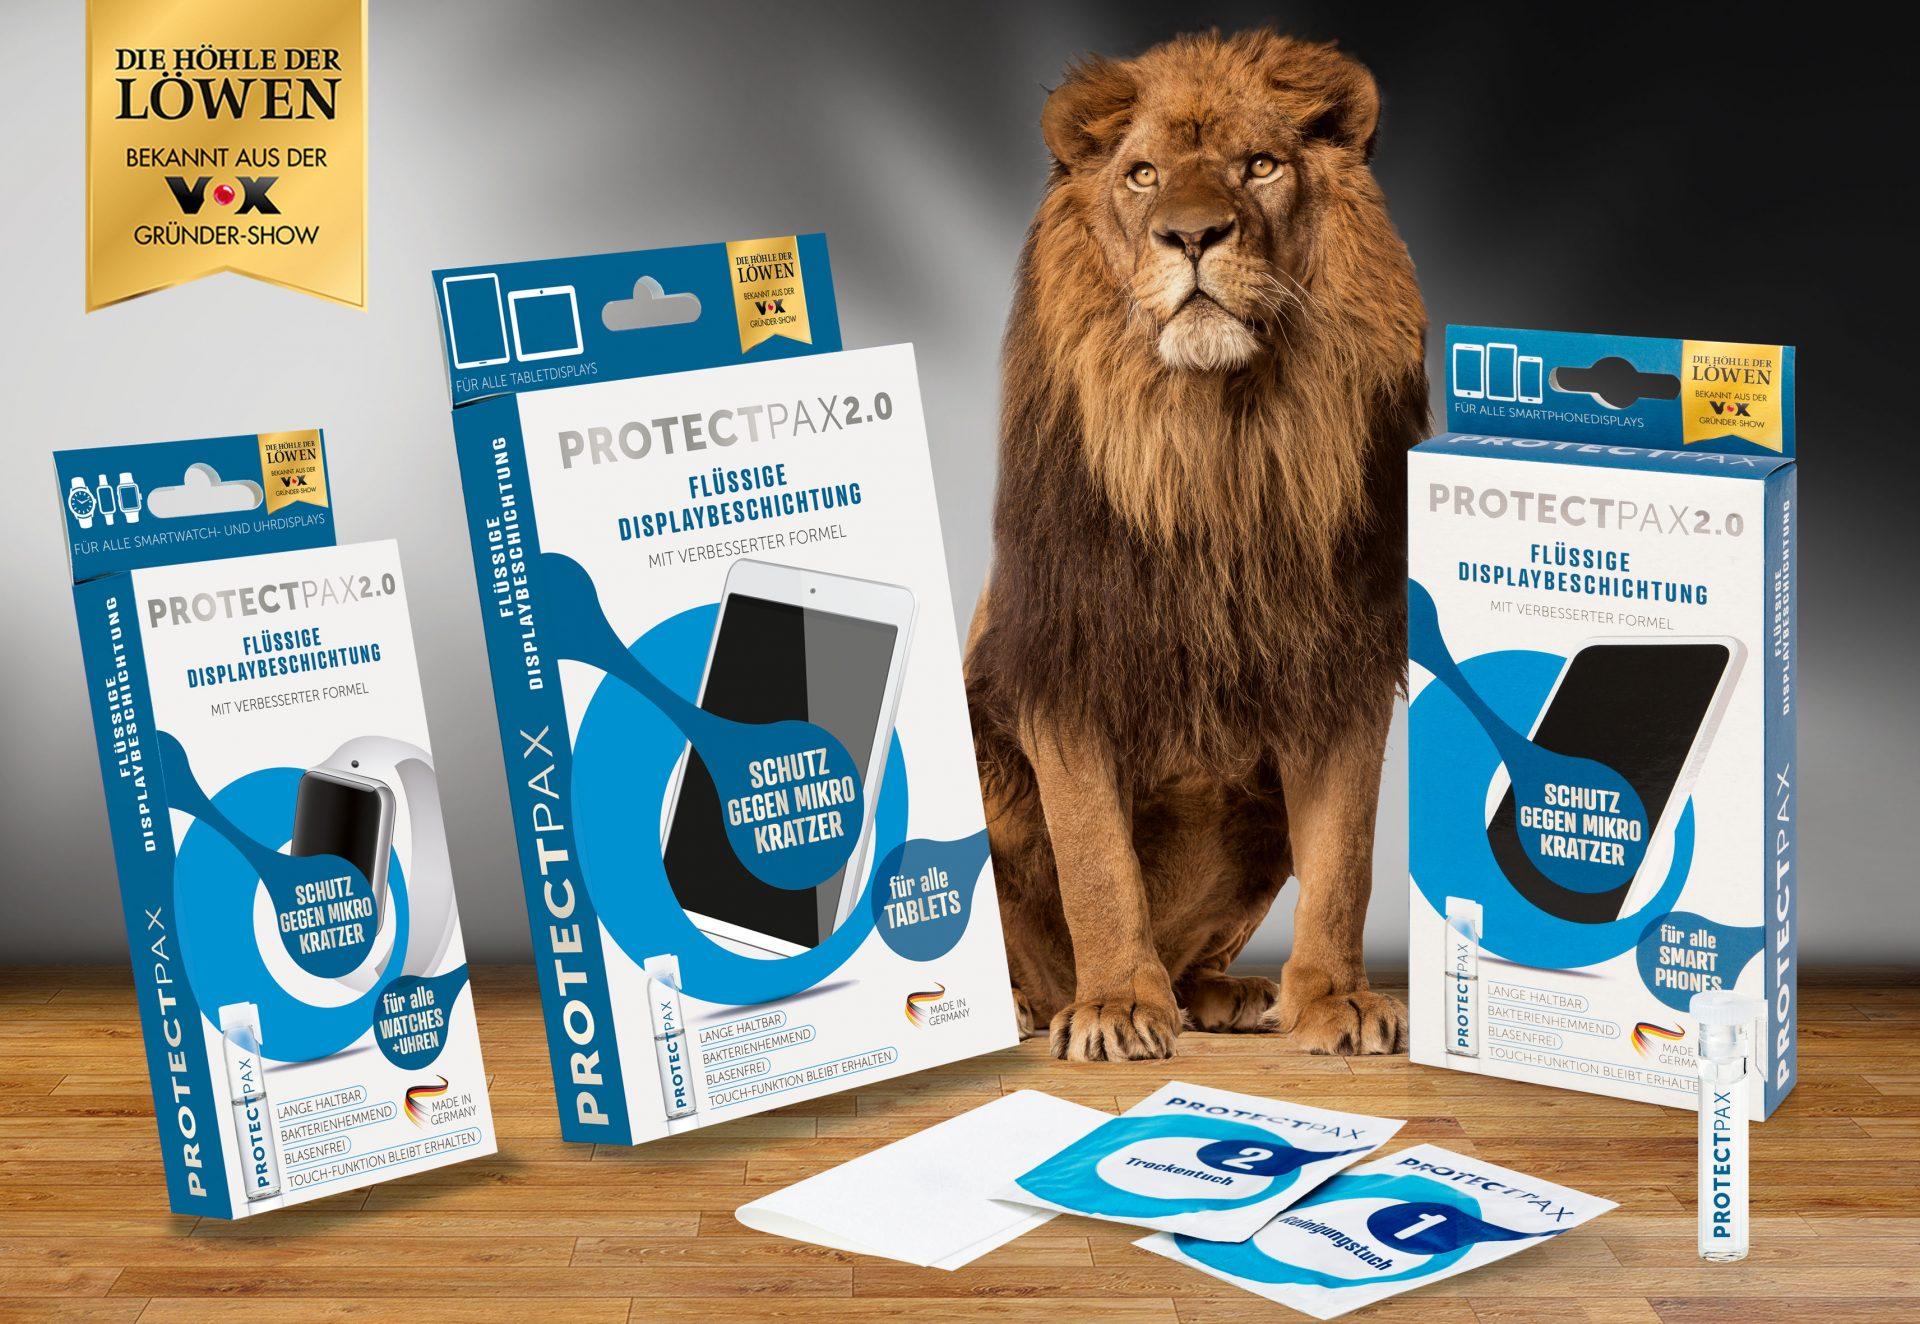 Verpackungsdesign Malvega - Referenz: Displayschutzfolie aus Die Höhle der Löwen